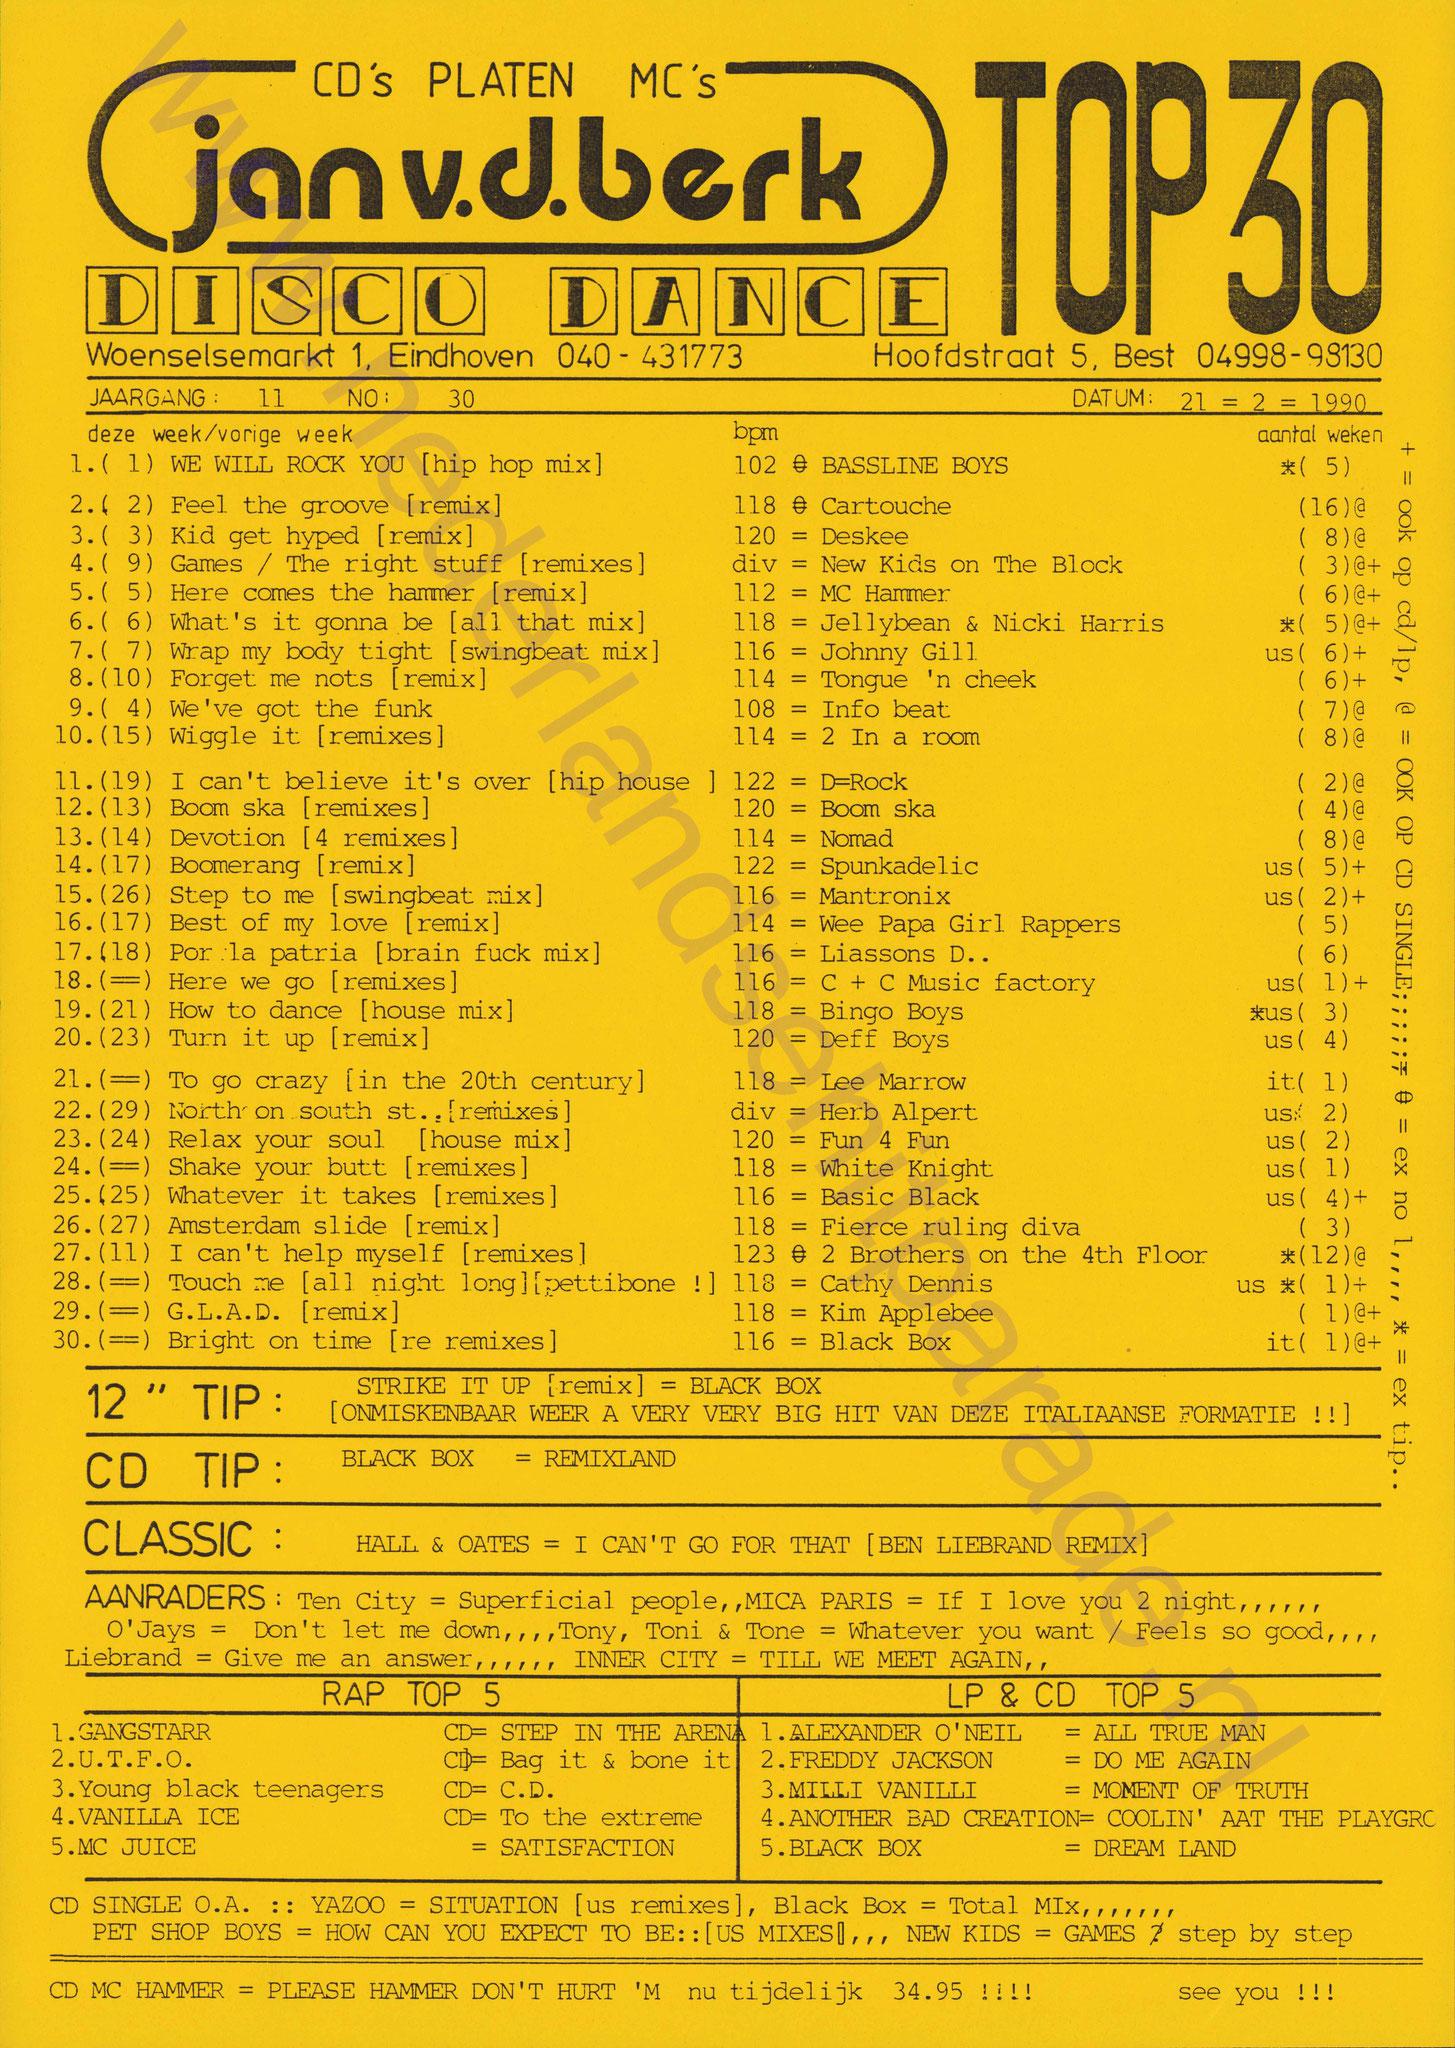 Jan van de Berk (Eindhoven) disco dance top 30 21 februari 1990